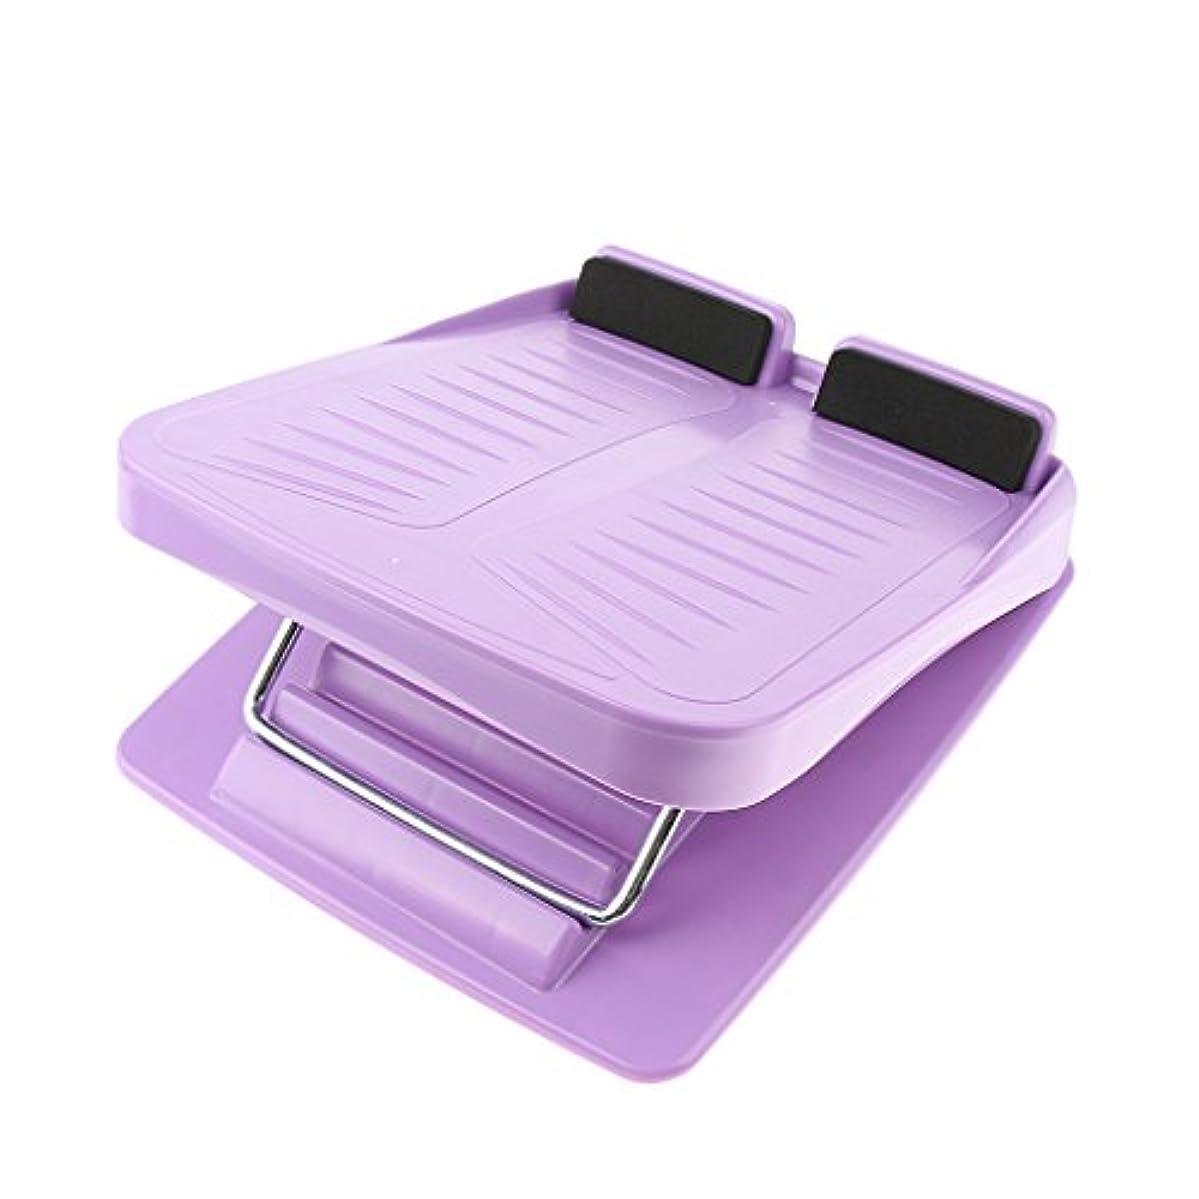 対処するドアでストレッチボード ストレッチ台 調整可能 アンチスリップ カーフストレッチ 斜面ボード 全3色 - 紫の